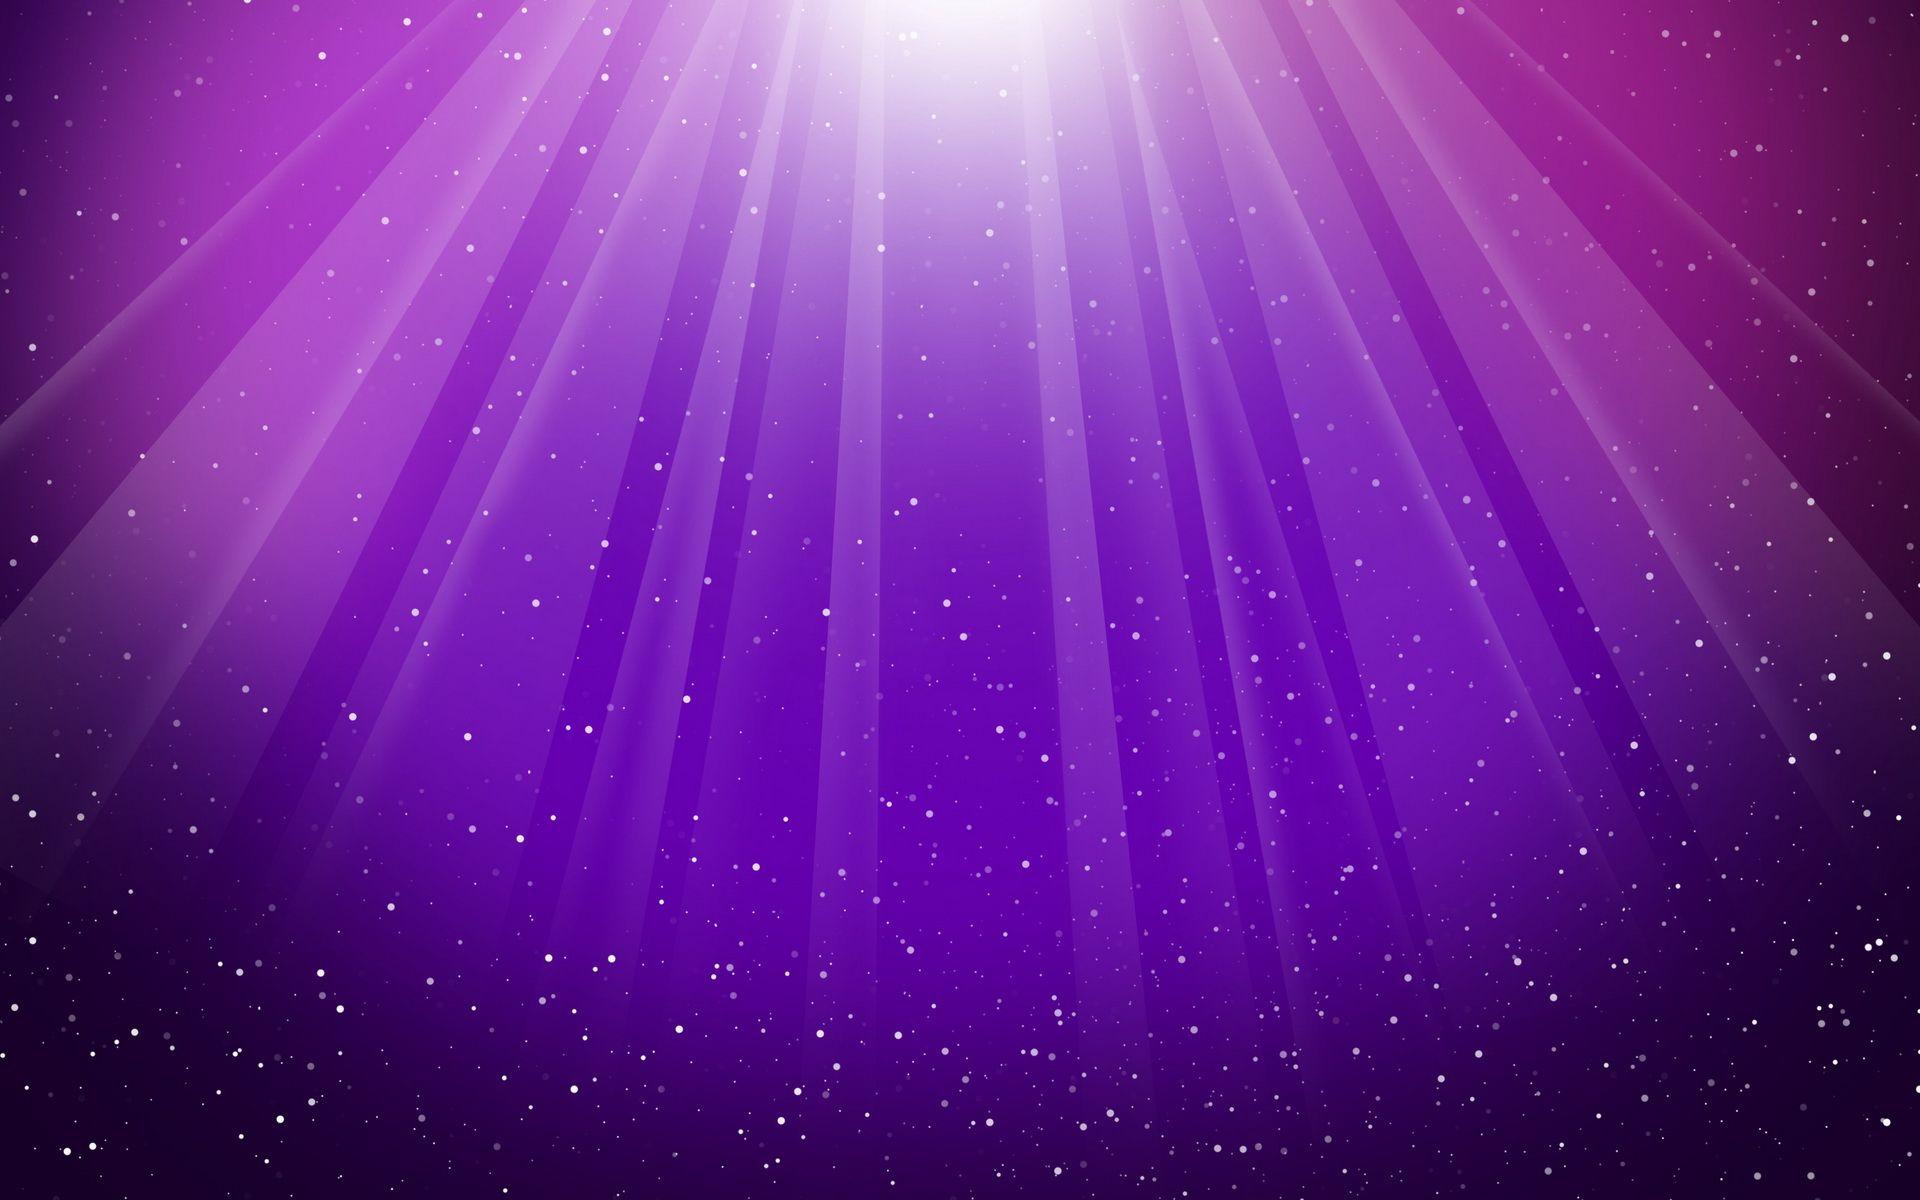 Purple Light Color 2 Fond Ecran Fond Ecran Disney Couleur